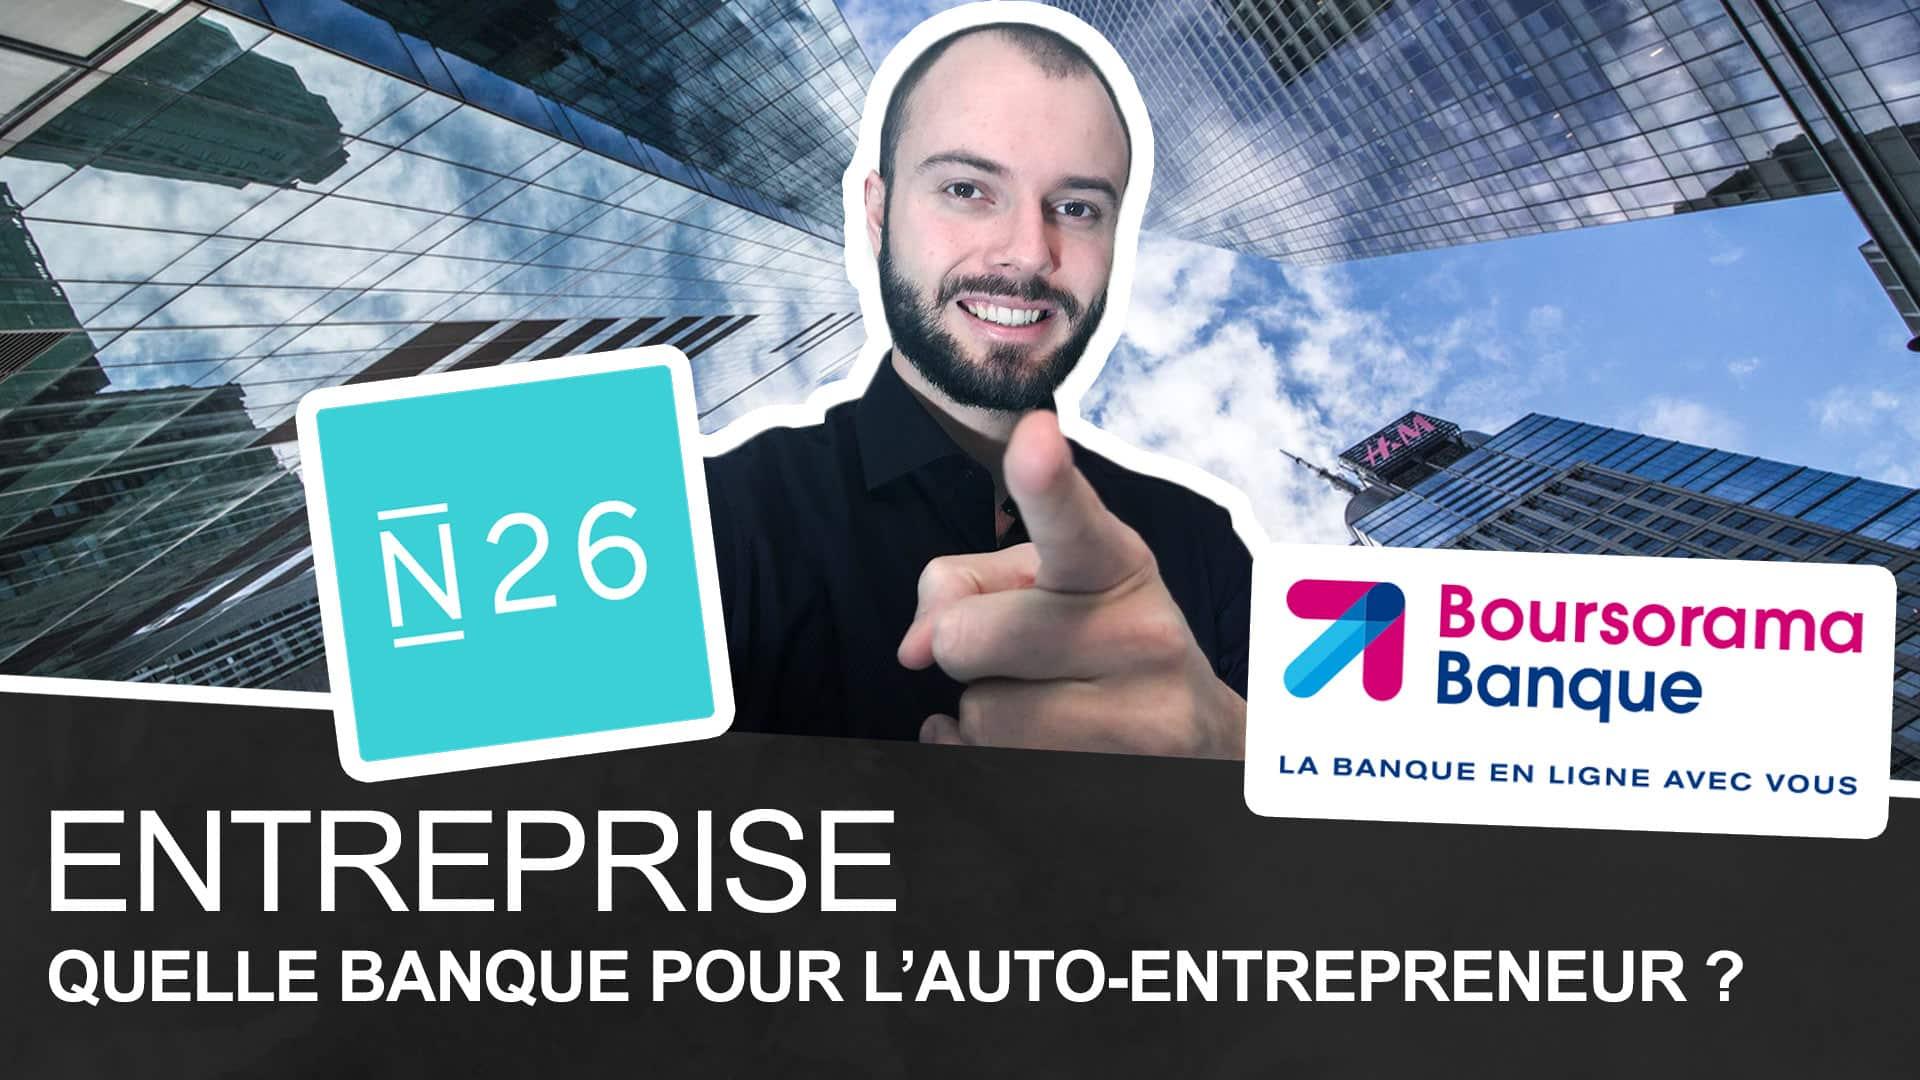 Présentation de N26 une banque pour les auto-entrepreneur.